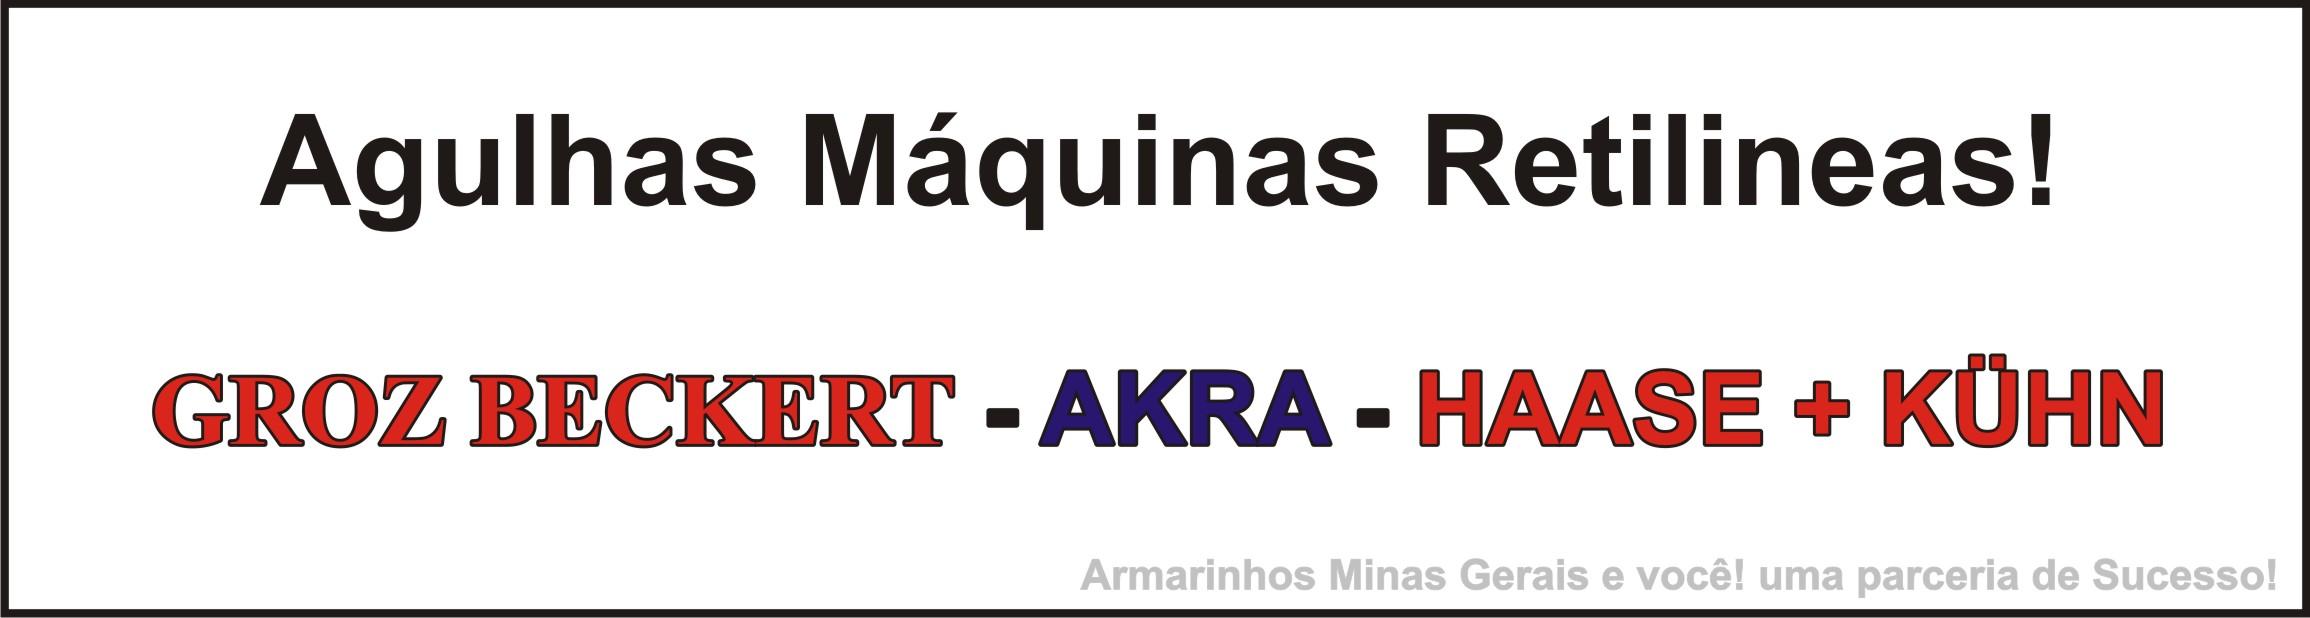 banner_armarinhos_minas_gerais_agulhas_maquinas_retilineasS.jpg